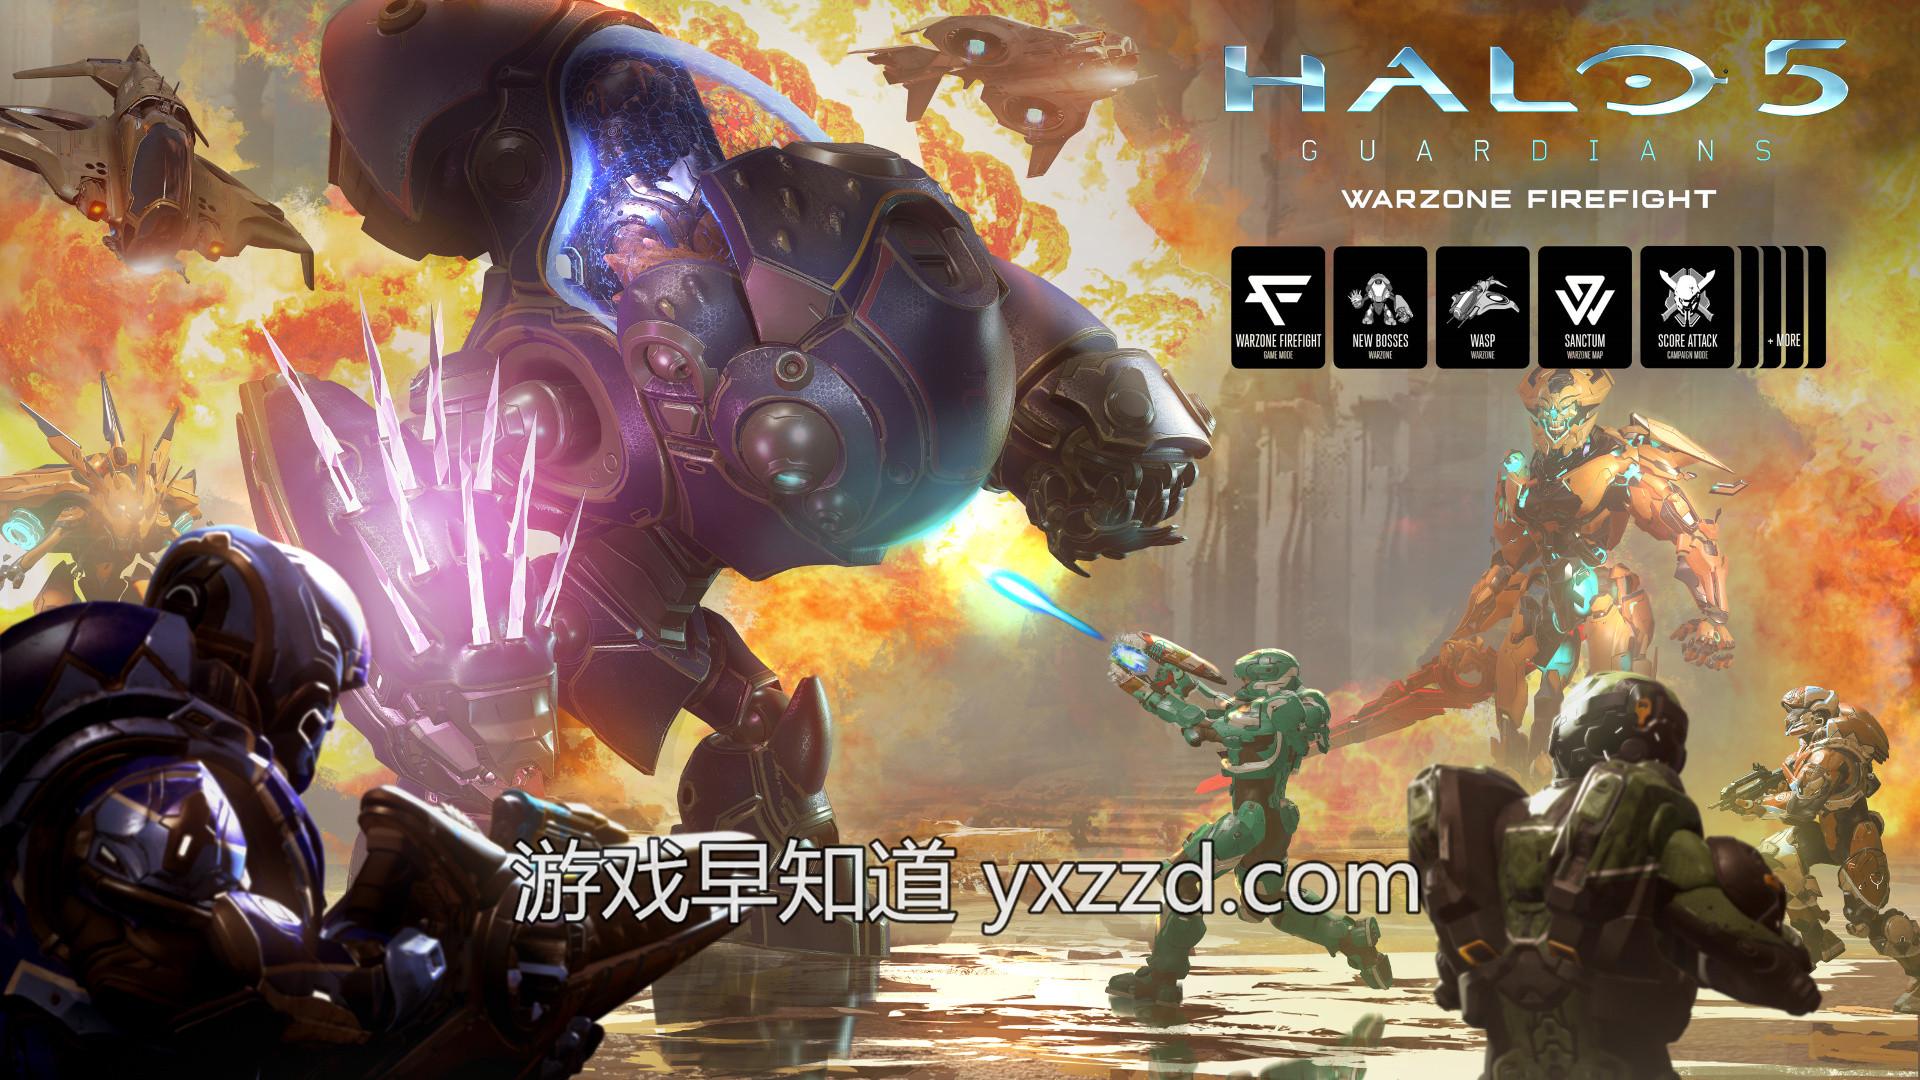 光环5 halo5 枪林弹雨Warzone-Firefight